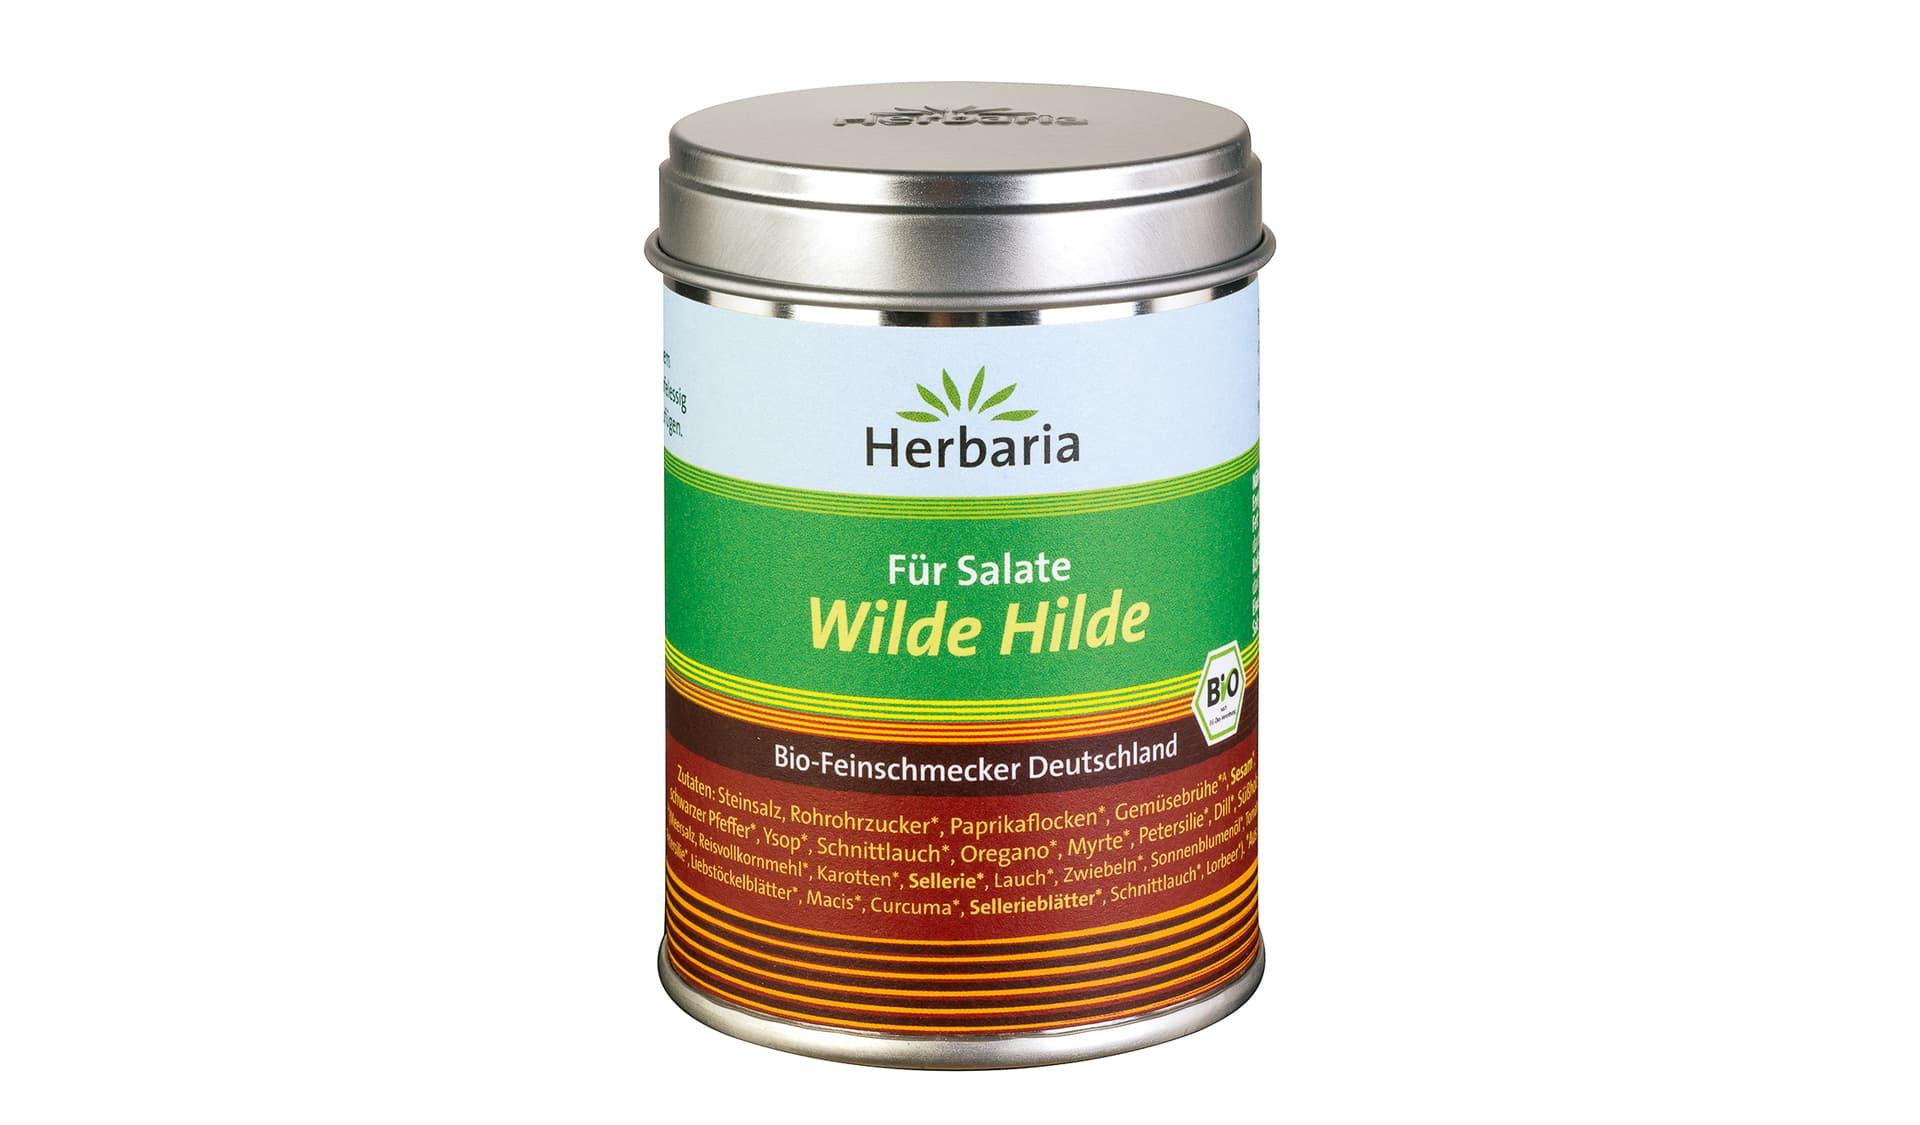 Herbaria Wilde Hilde für Salate (www.herbaria.de)